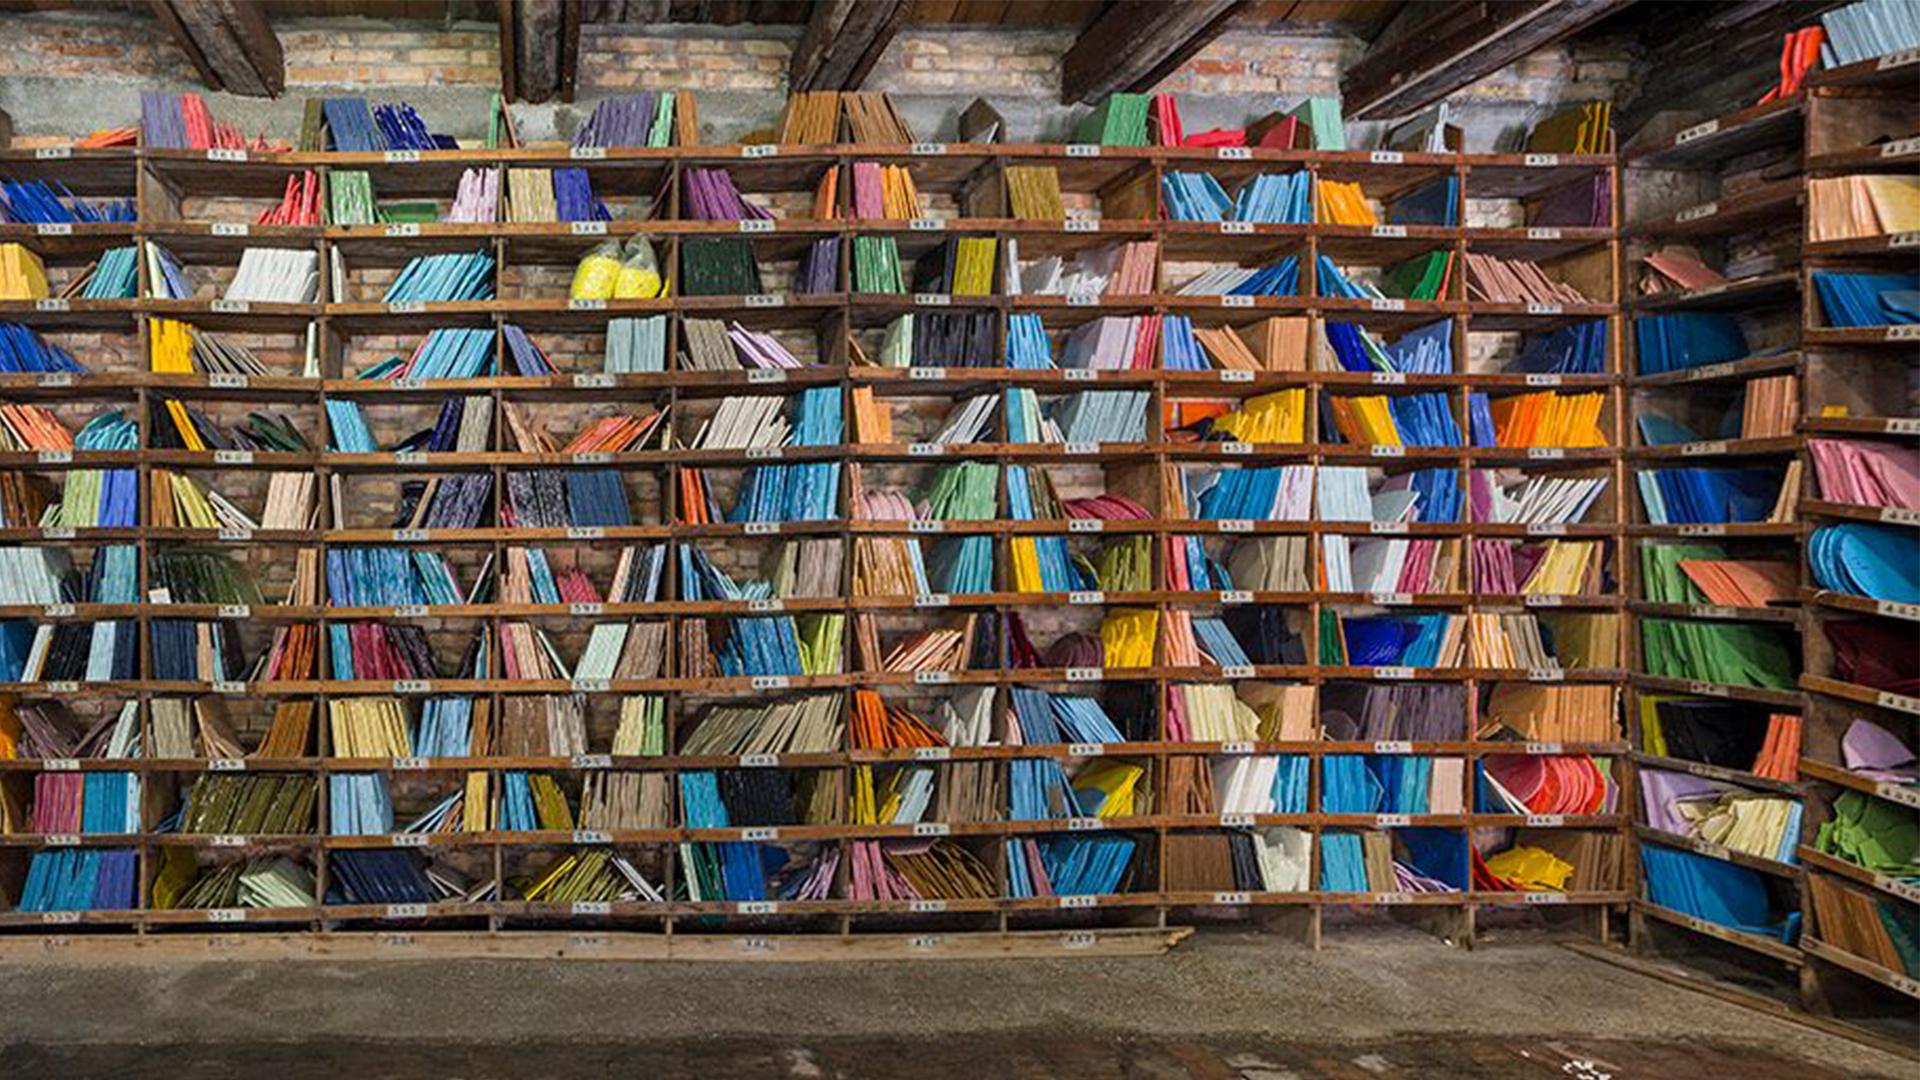 Orsoni -Colour-Library-Mozaïekatelier Colorito-Natasja Mulder